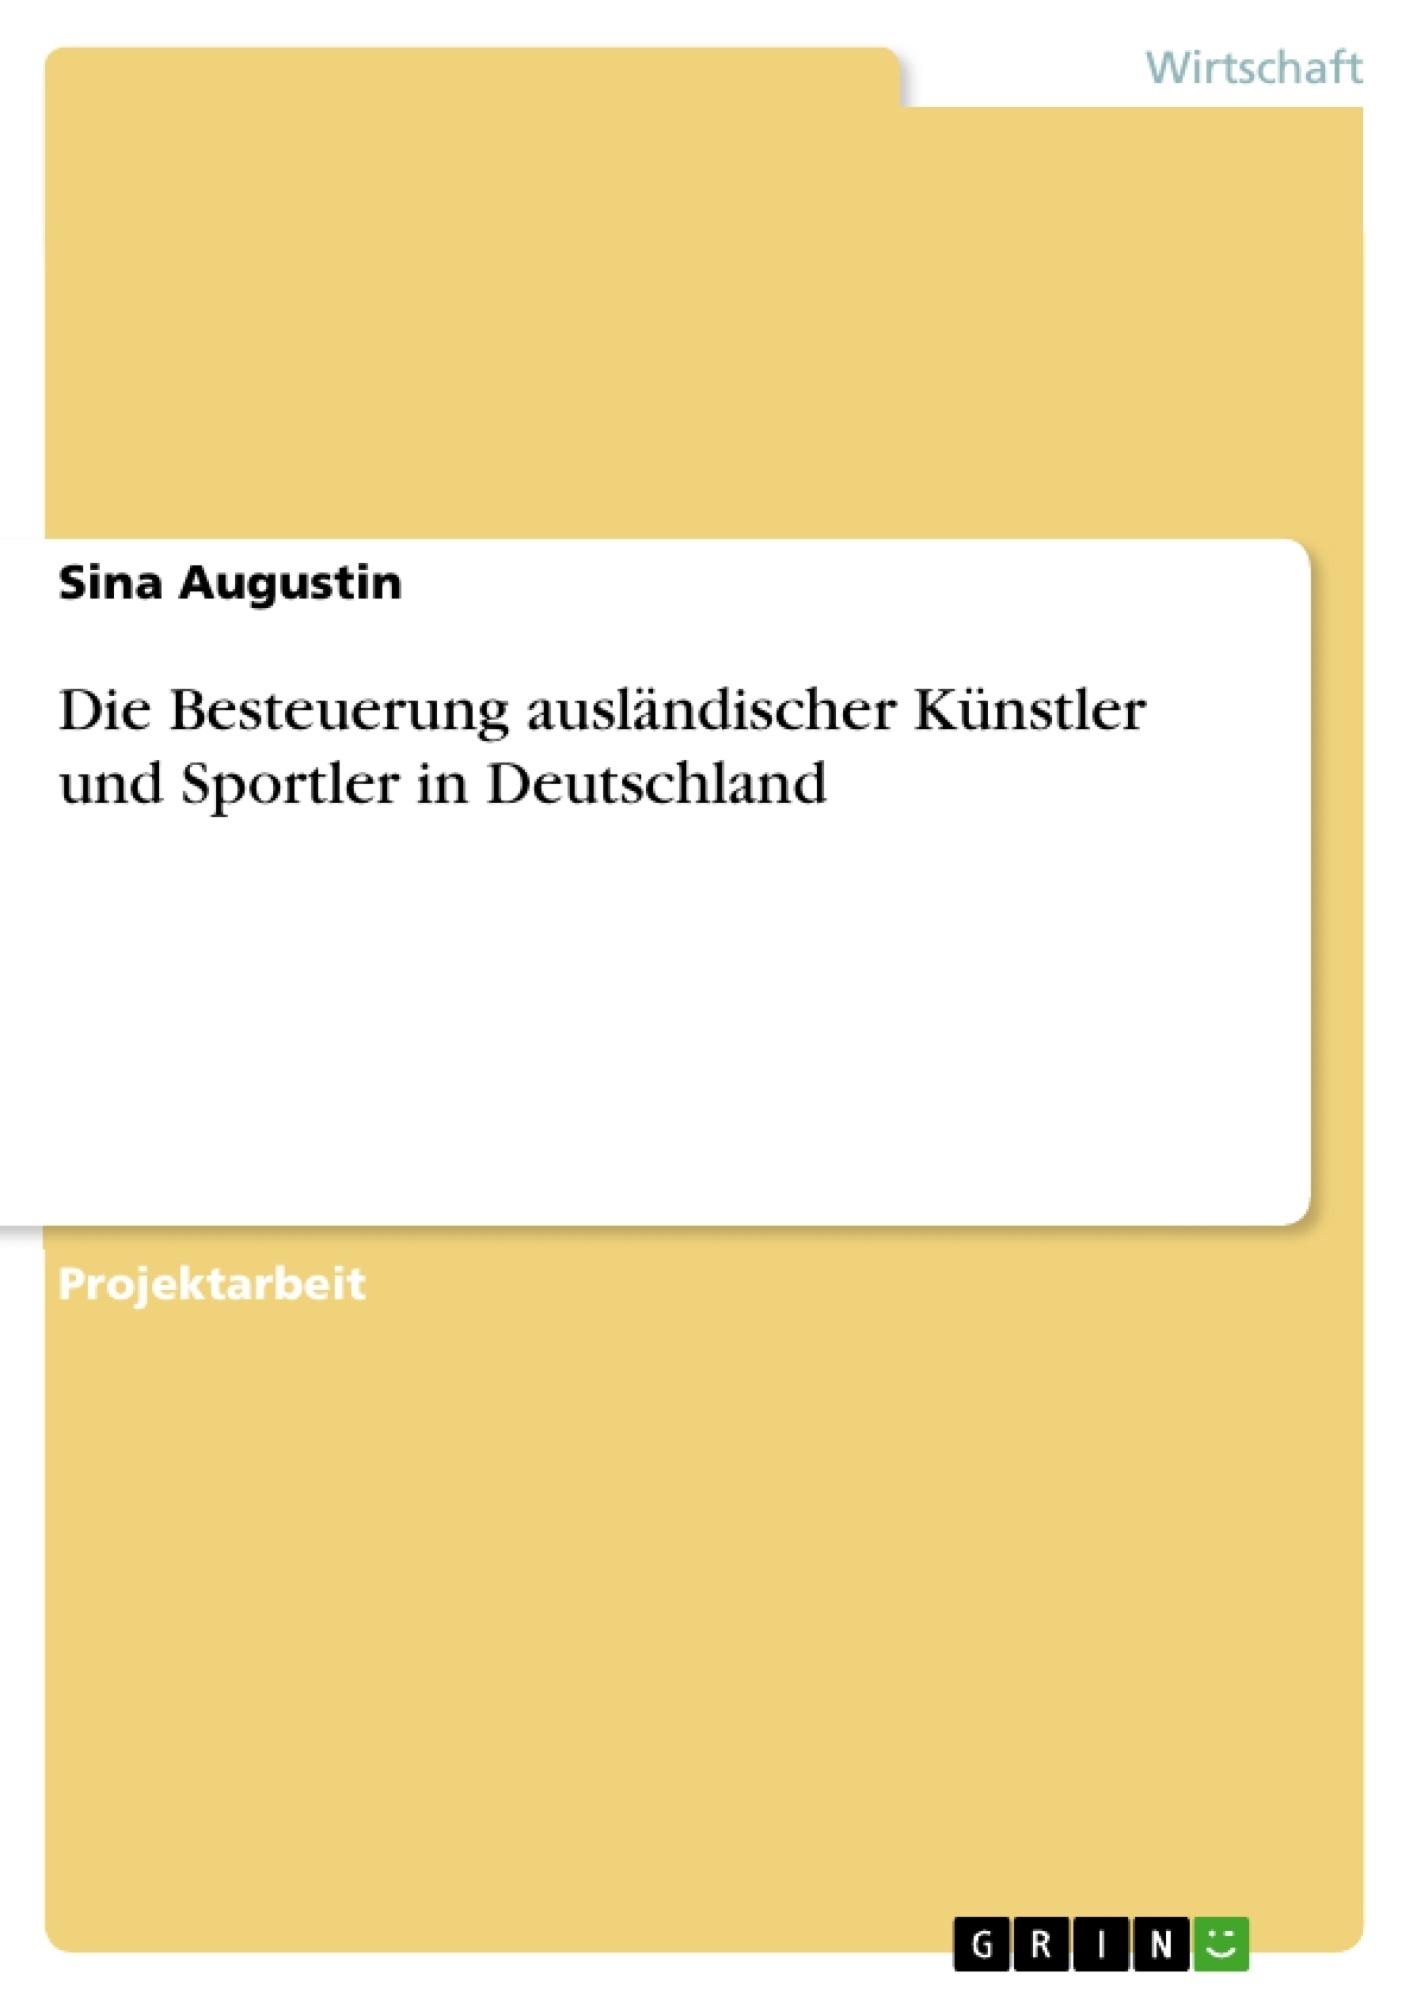 Titel: Die Besteuerung ausländischer Künstler und Sportler in Deutschland